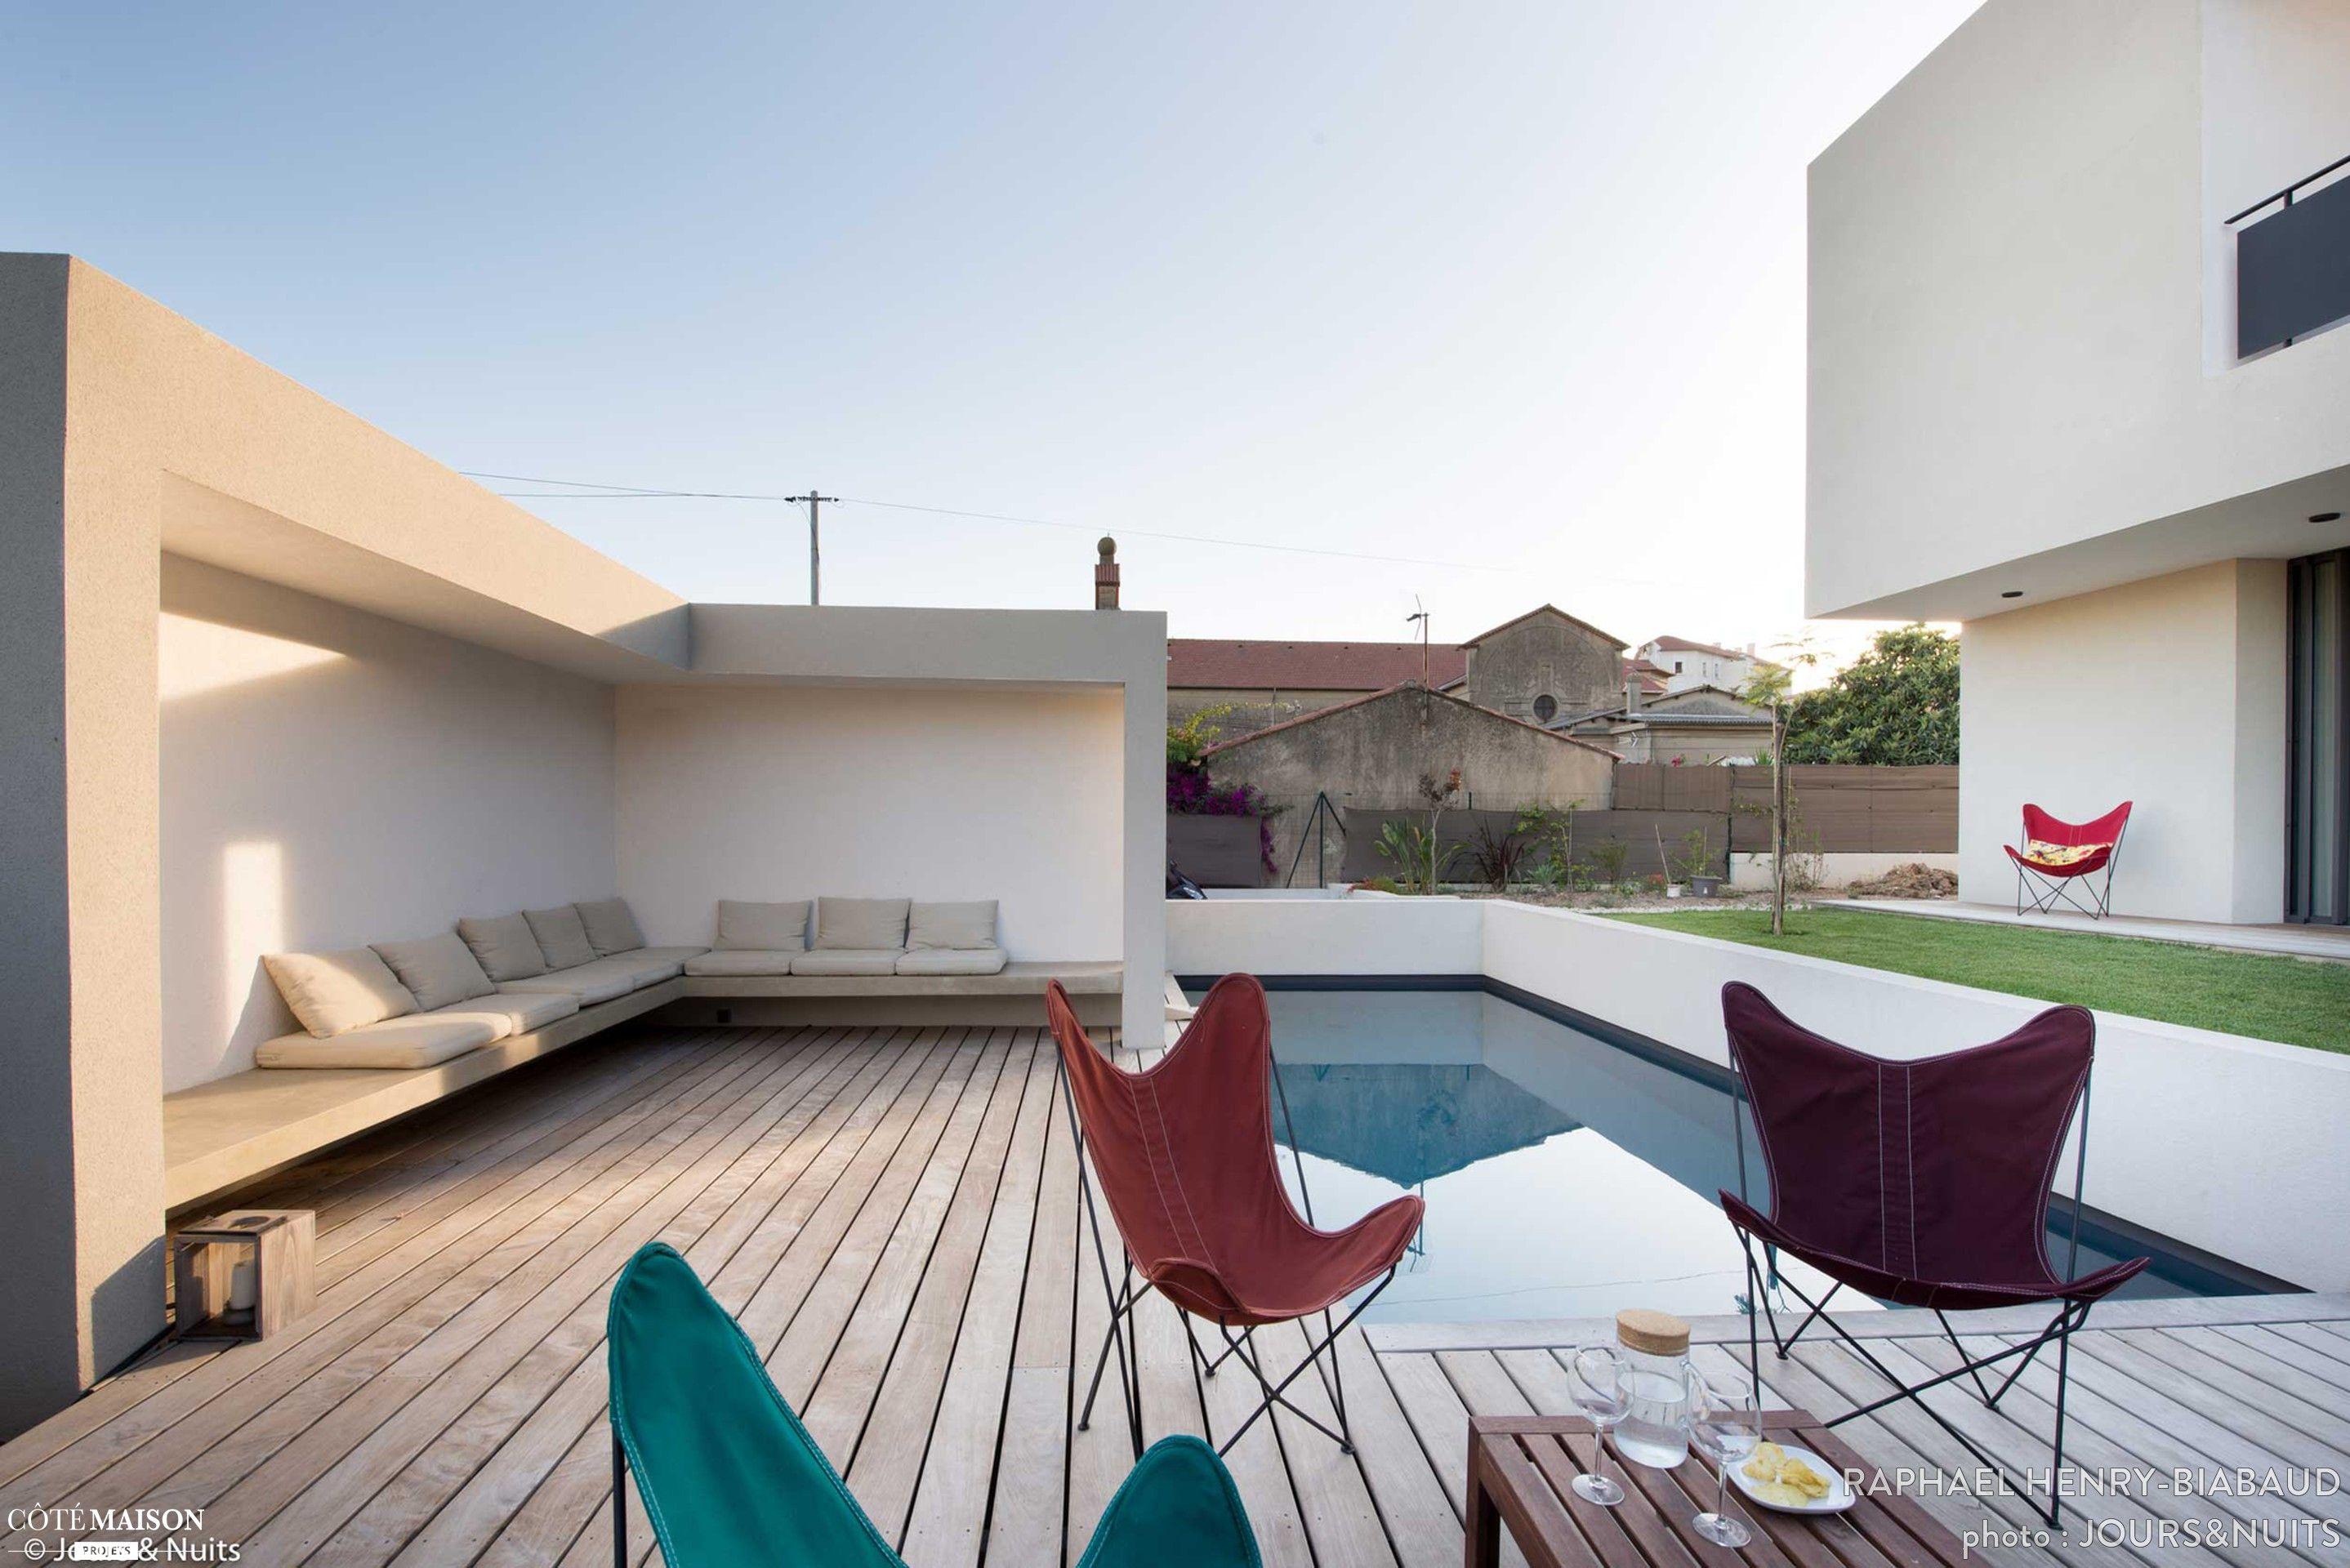 les chaises de jardin invitent prendre l 39 ap ritif au bord de la piscine maison de r ve par. Black Bedroom Furniture Sets. Home Design Ideas